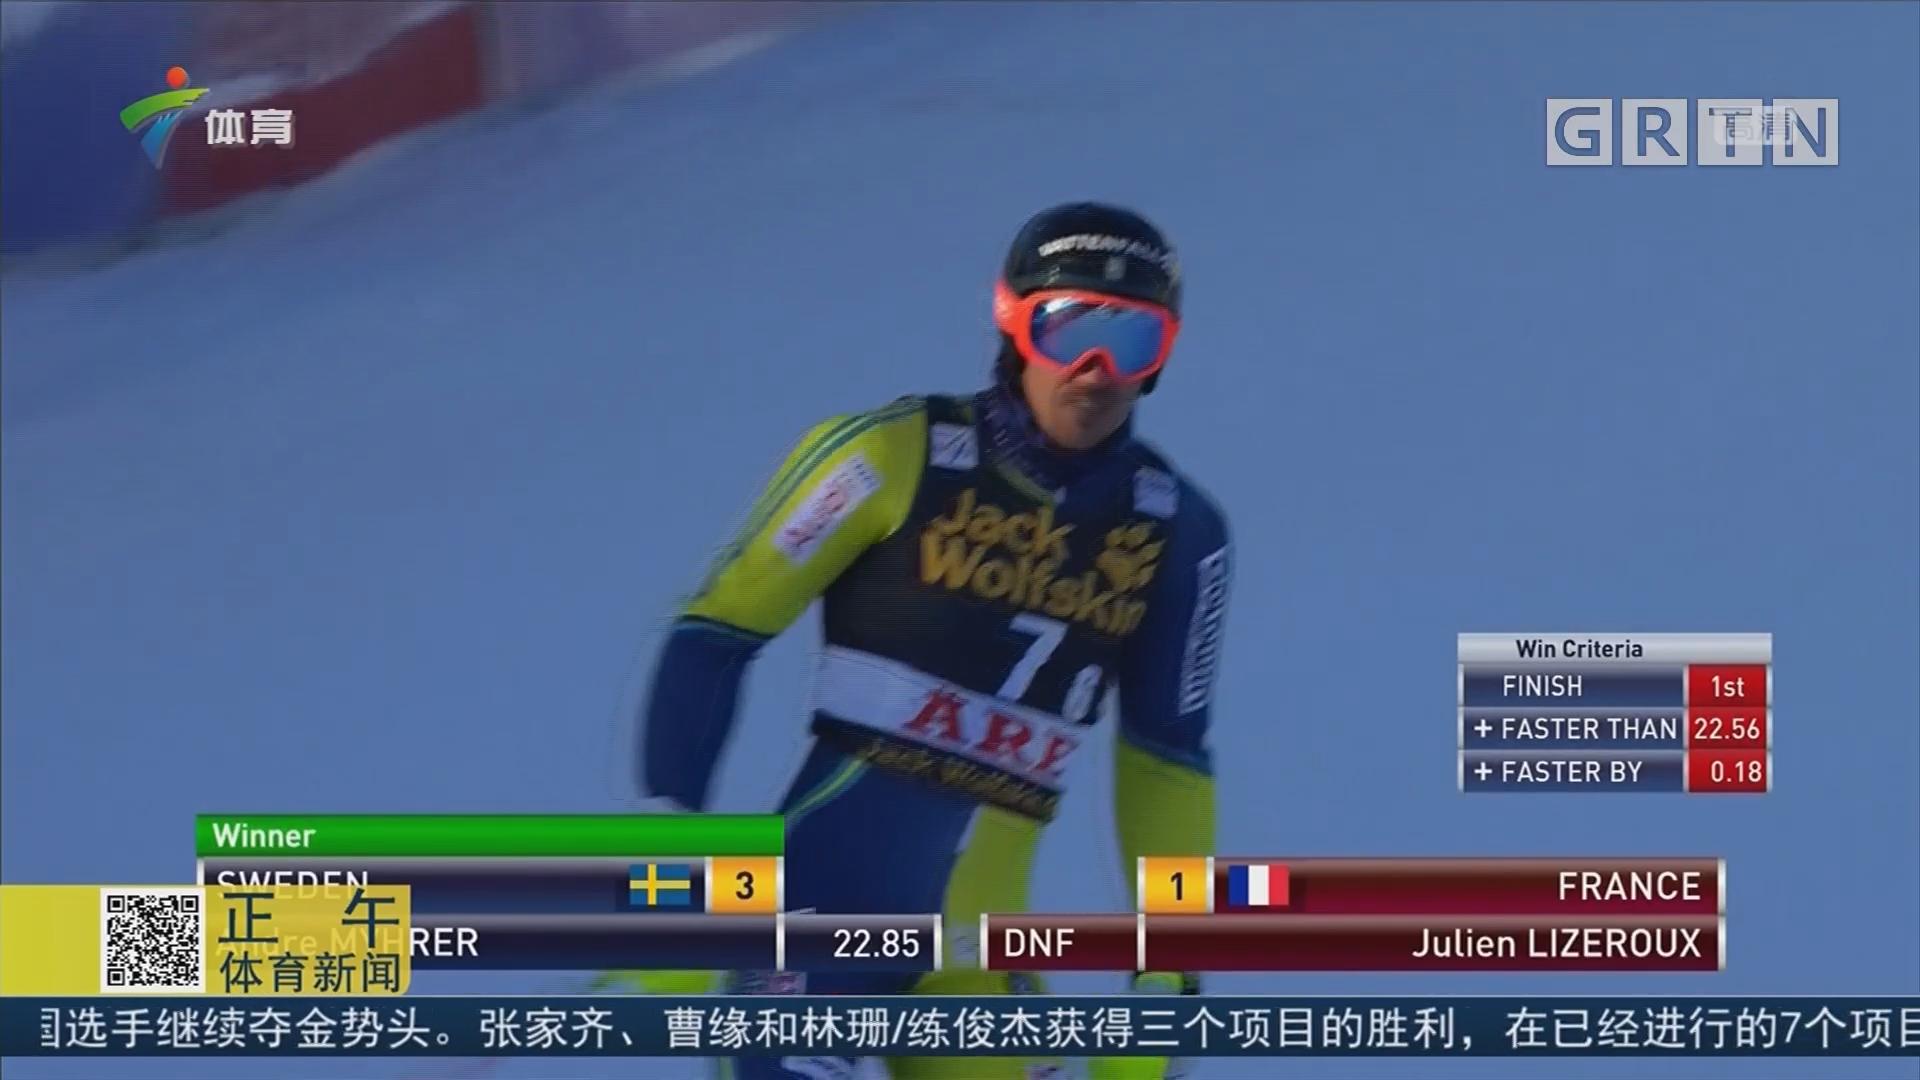 高山滑雪世界杯团体赛 瑞典队夺冠